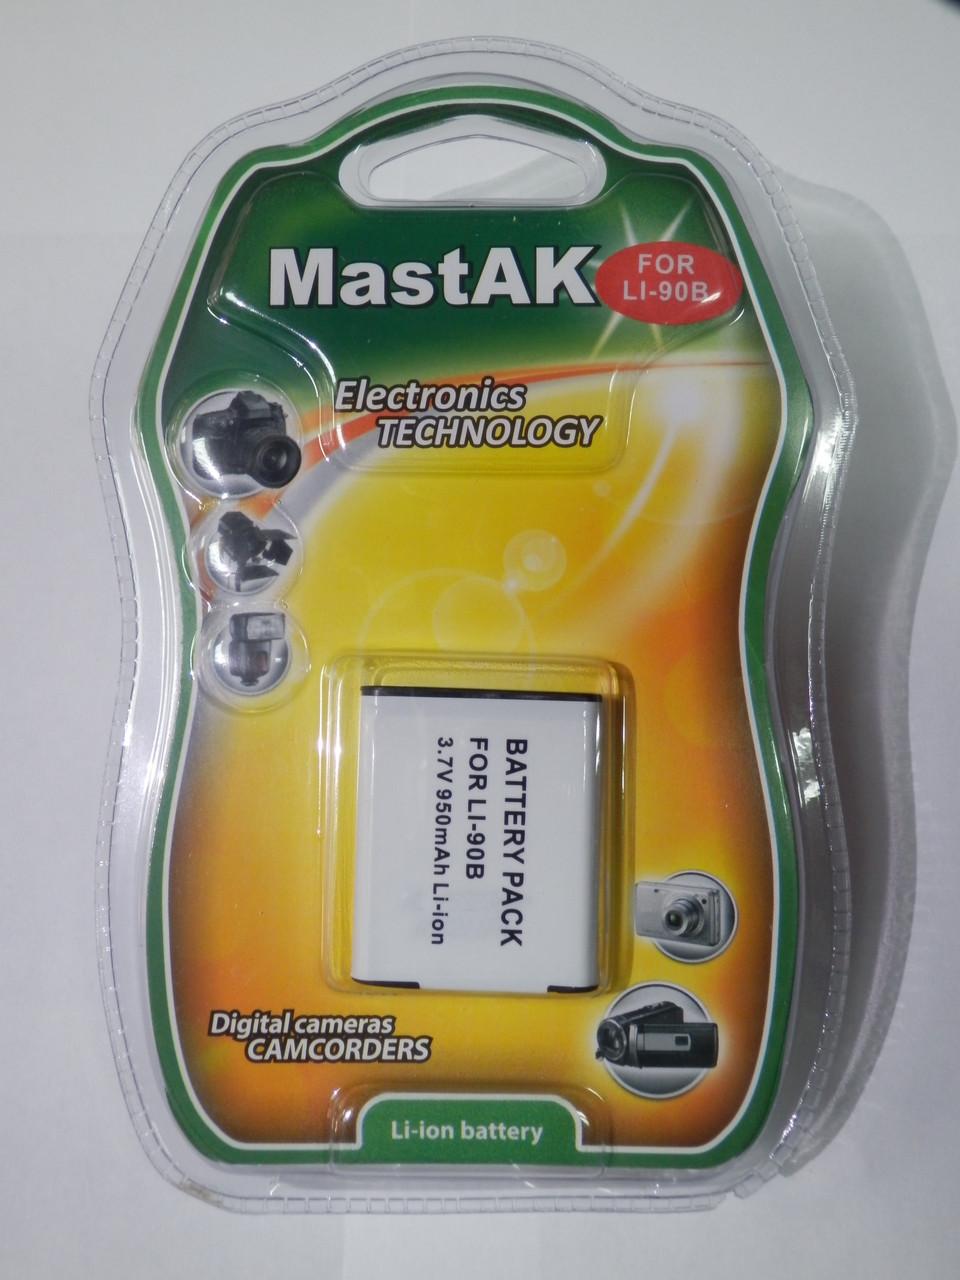 Аккумулятор к фотоаппарату Оlympus MastAK Li-90b 3,6v 950mAh